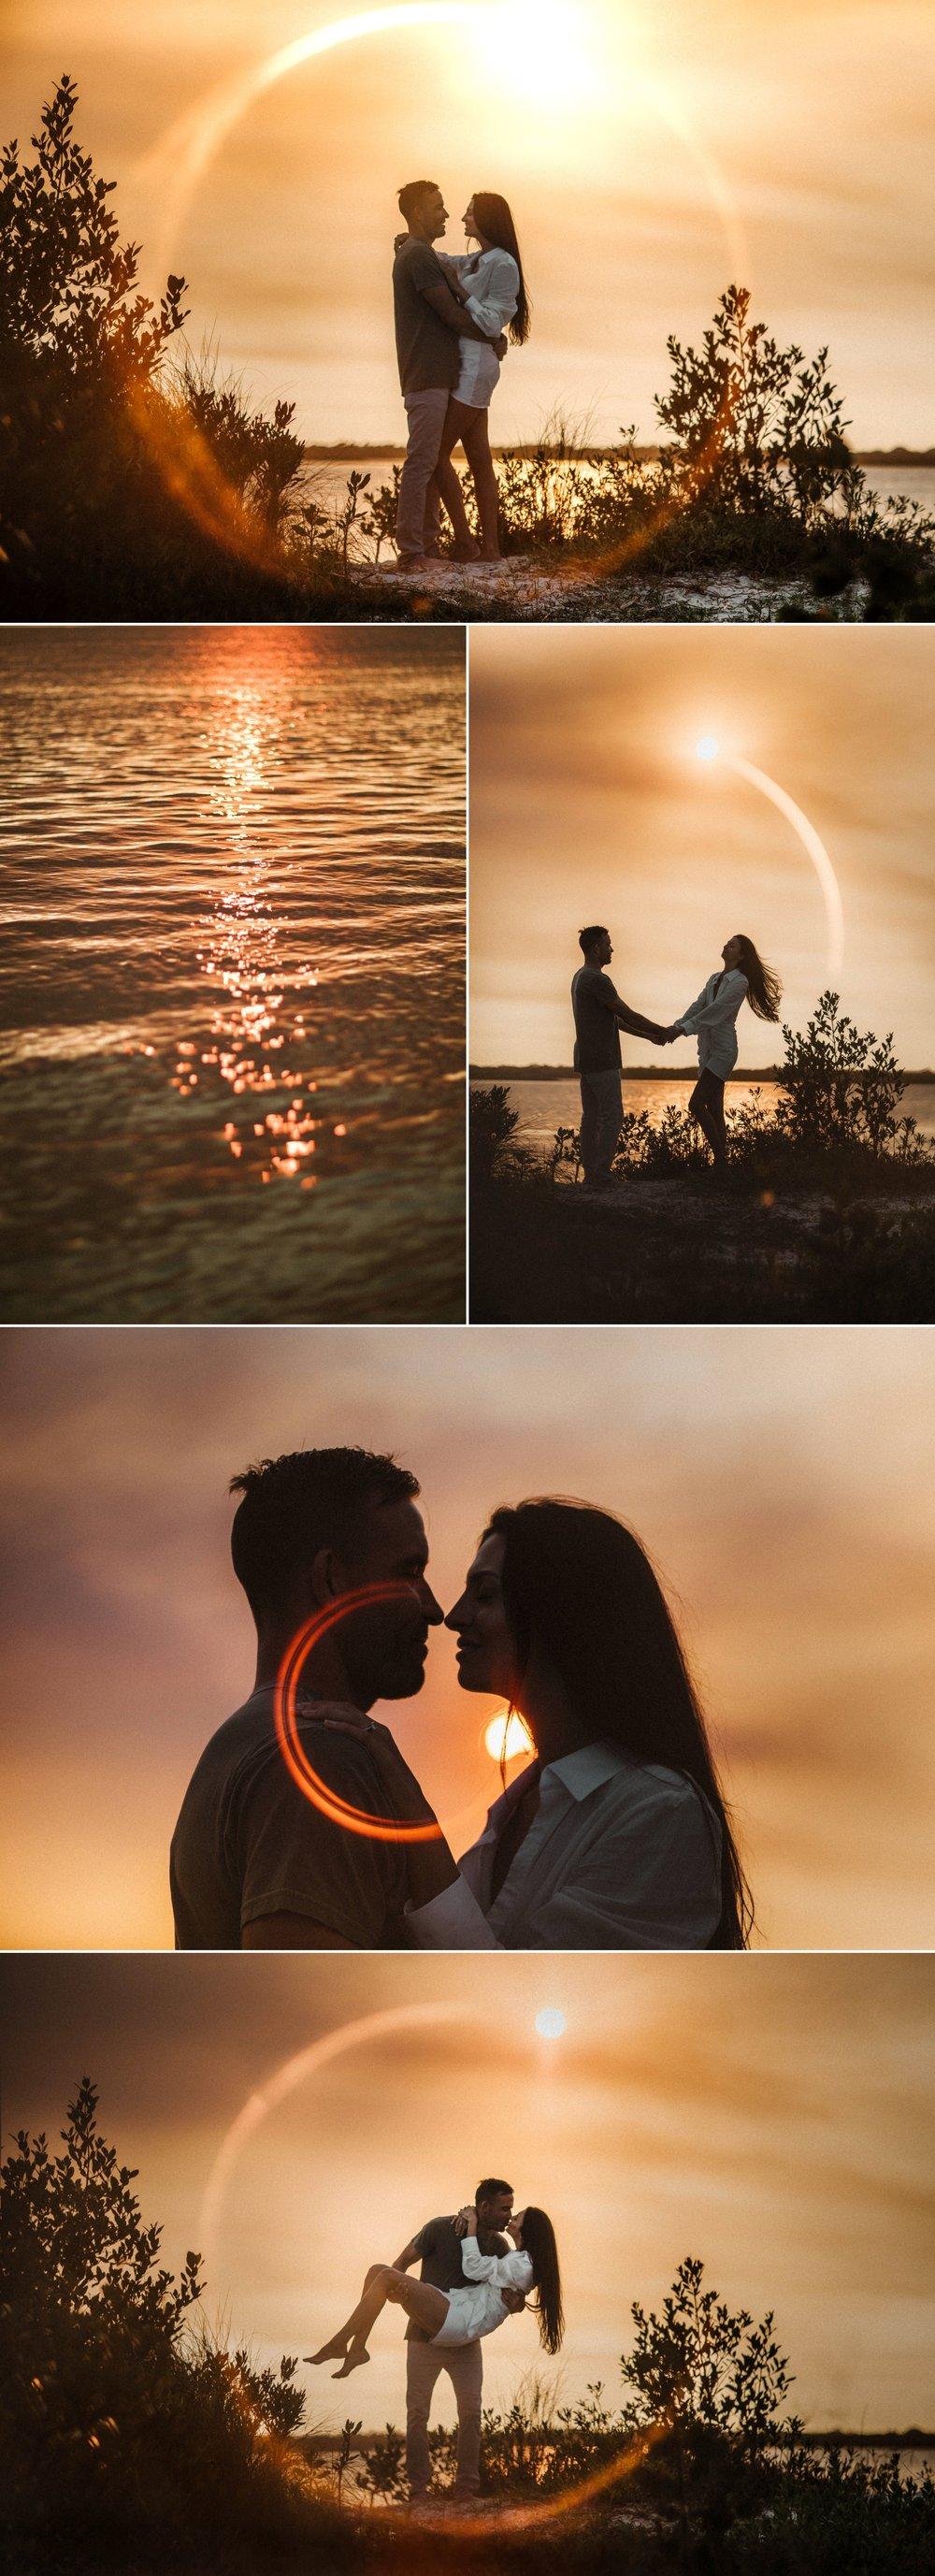 Adventure Brushfire sunset beach engagement- Gabriella + Chad- Shaina DeCiryan photography4.jpg